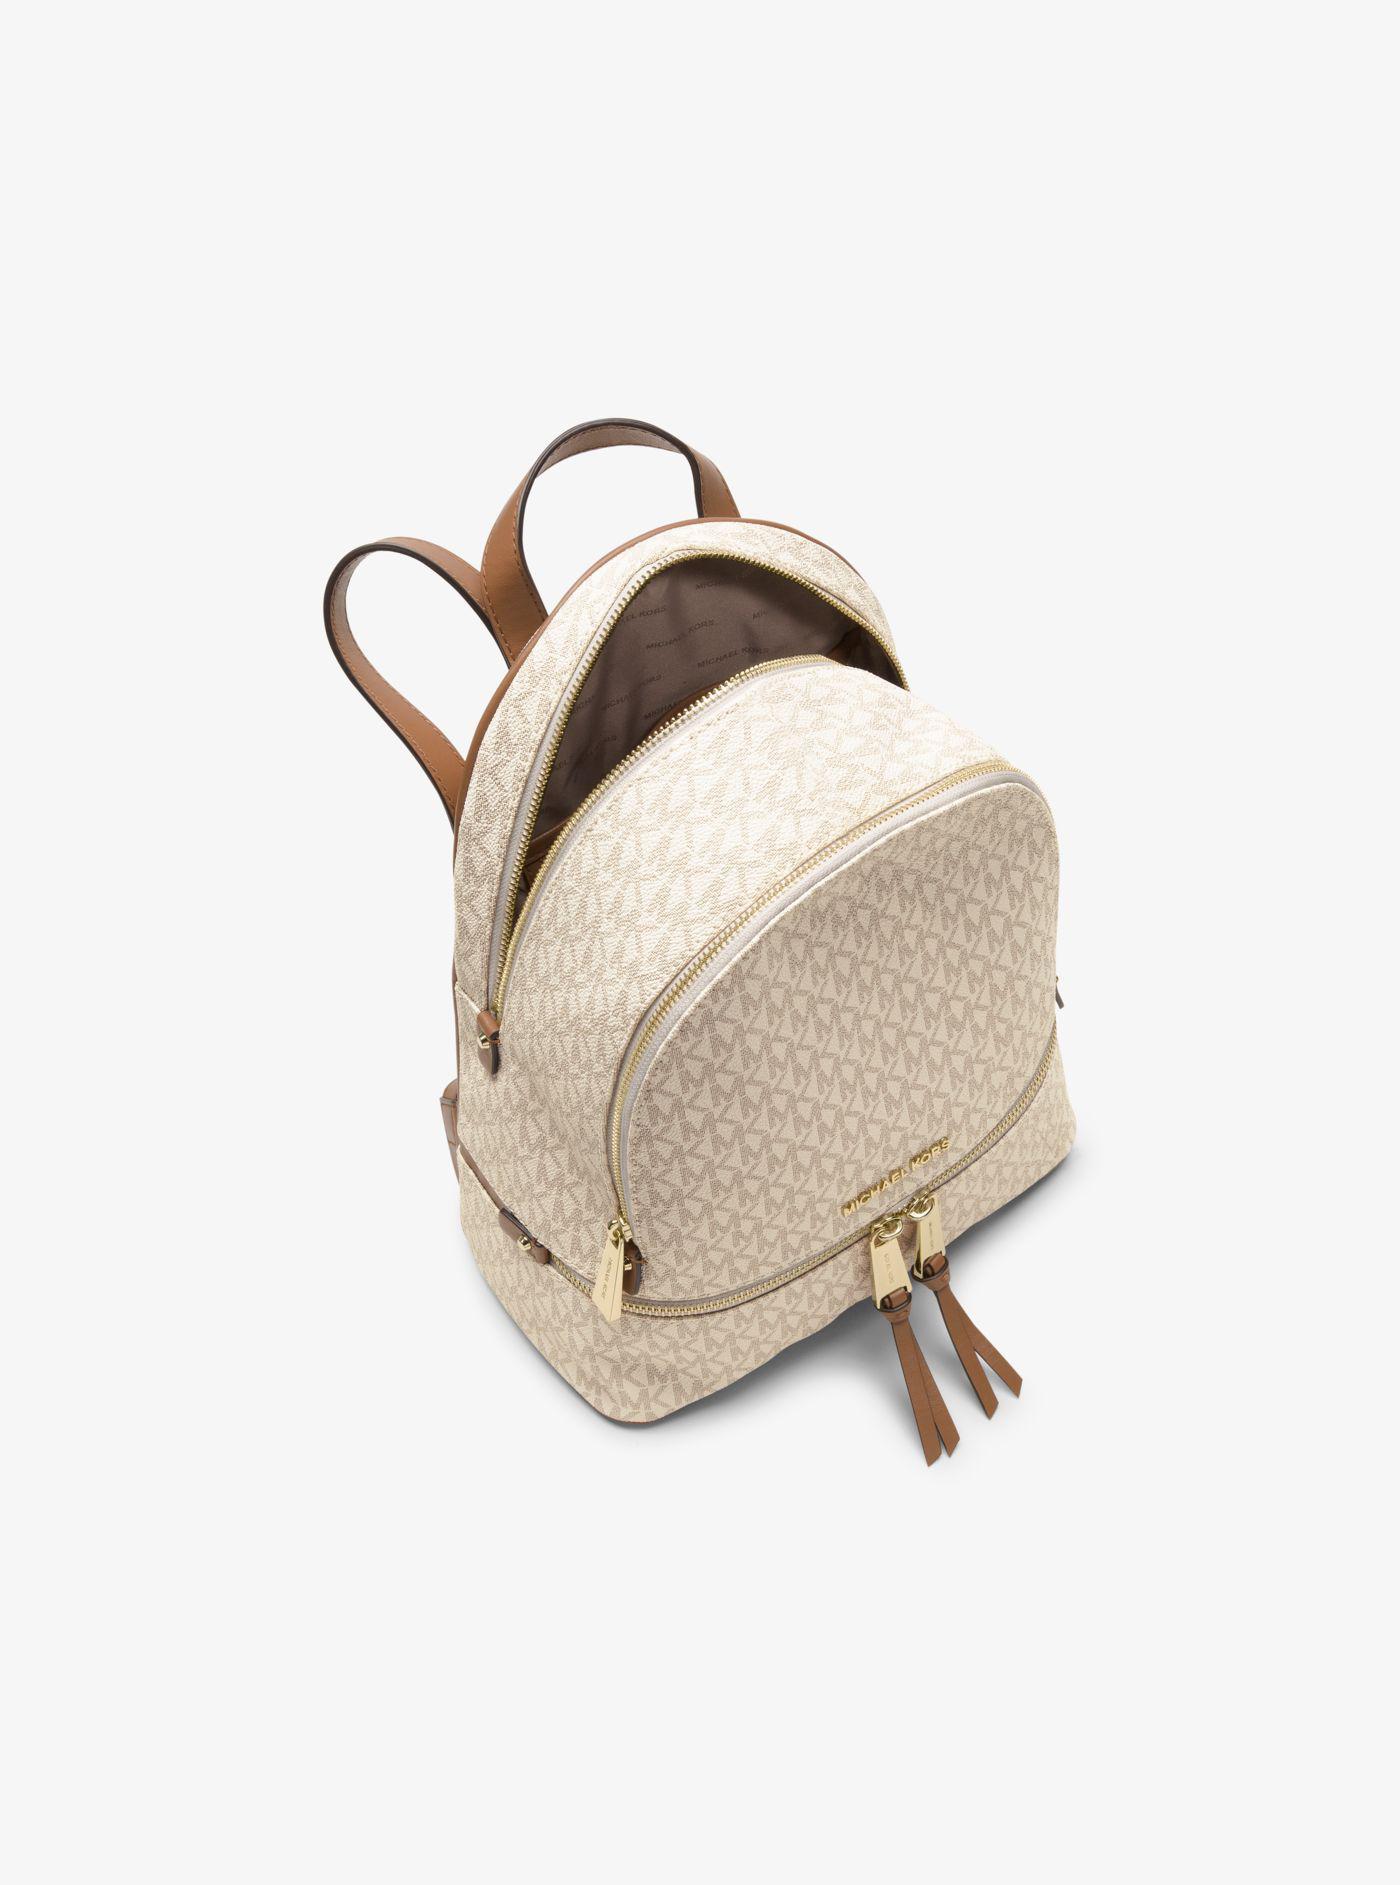 5dff1c8fd6 ... Zaino Rhea Medium In Twill Rivestito Logato Vaniglia Women's Backpack  In. View fullscreen